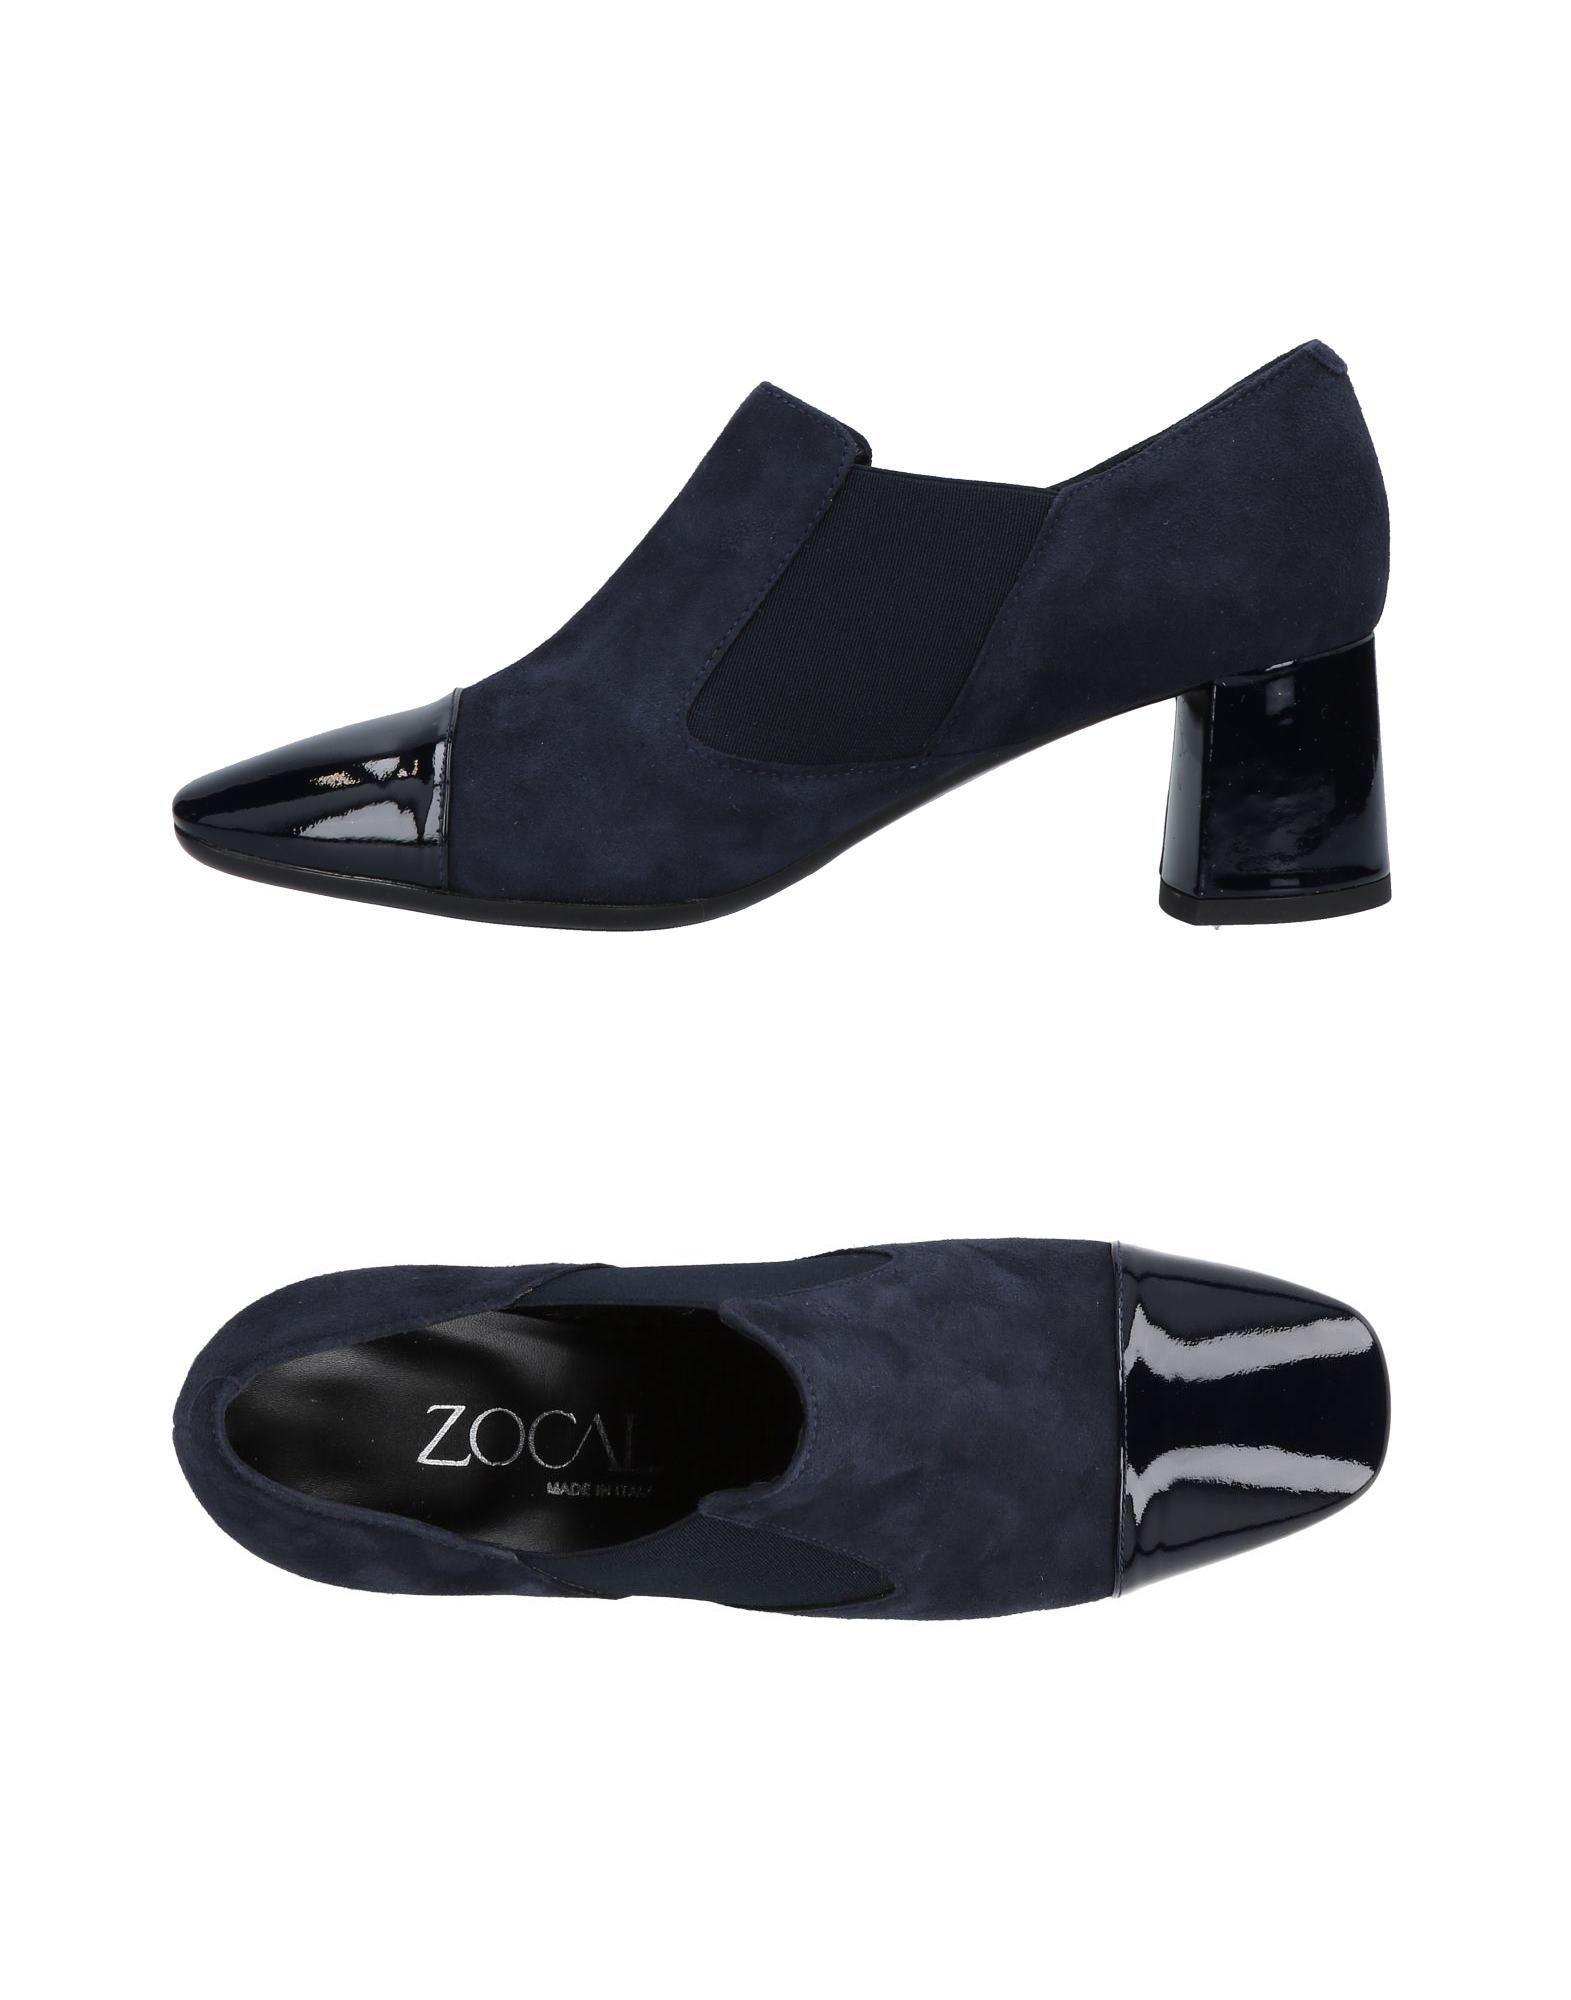 Zocal Stiefelette Damen  11458944PS Gute Qualität beliebte Schuhe